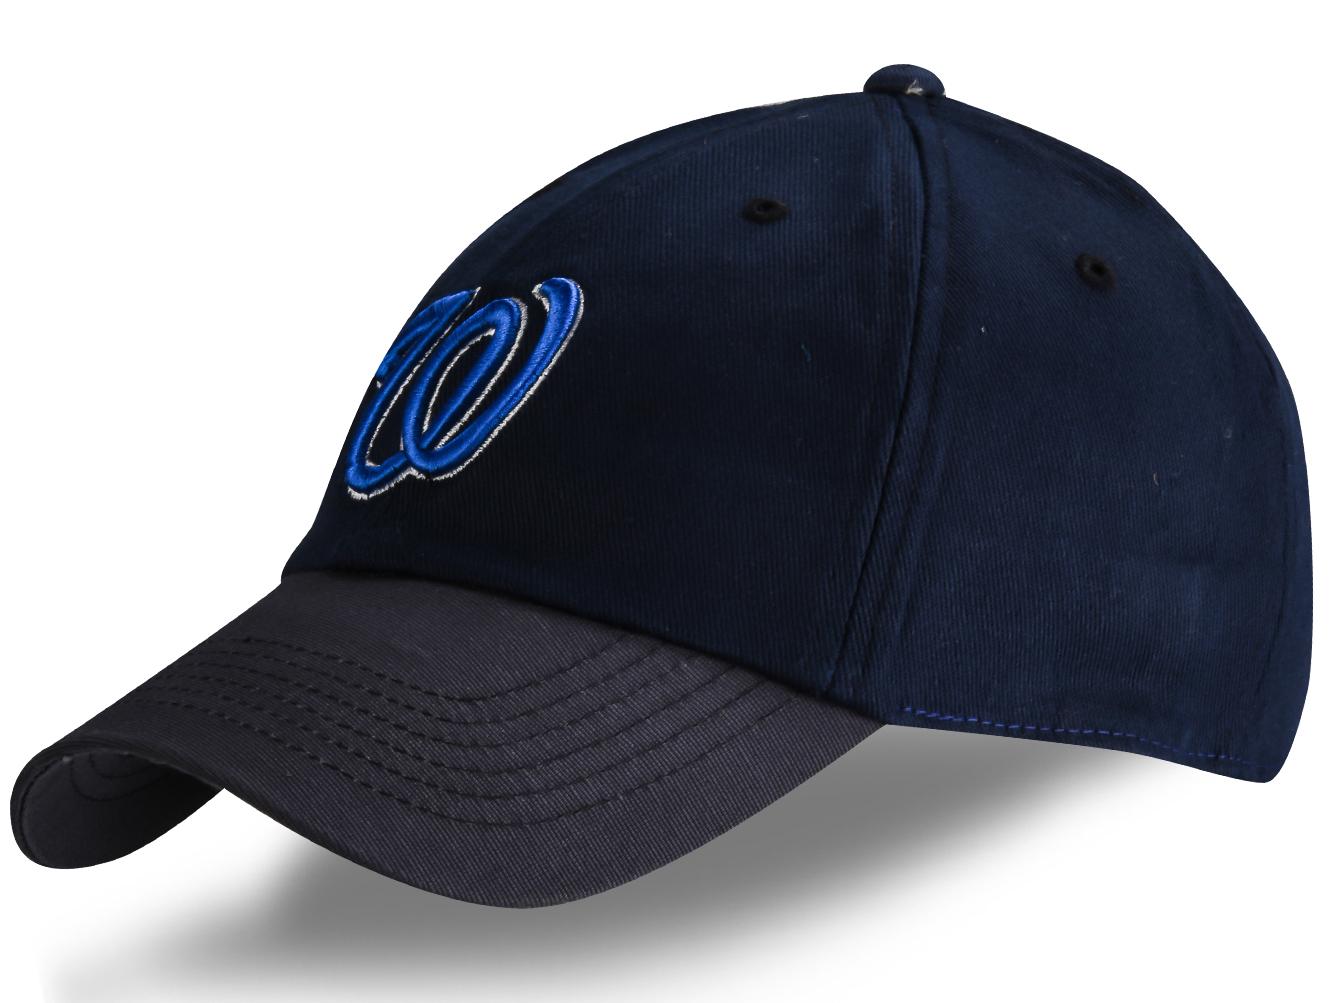 Спортивная кепка - купить в интернет-магазине с доставкой